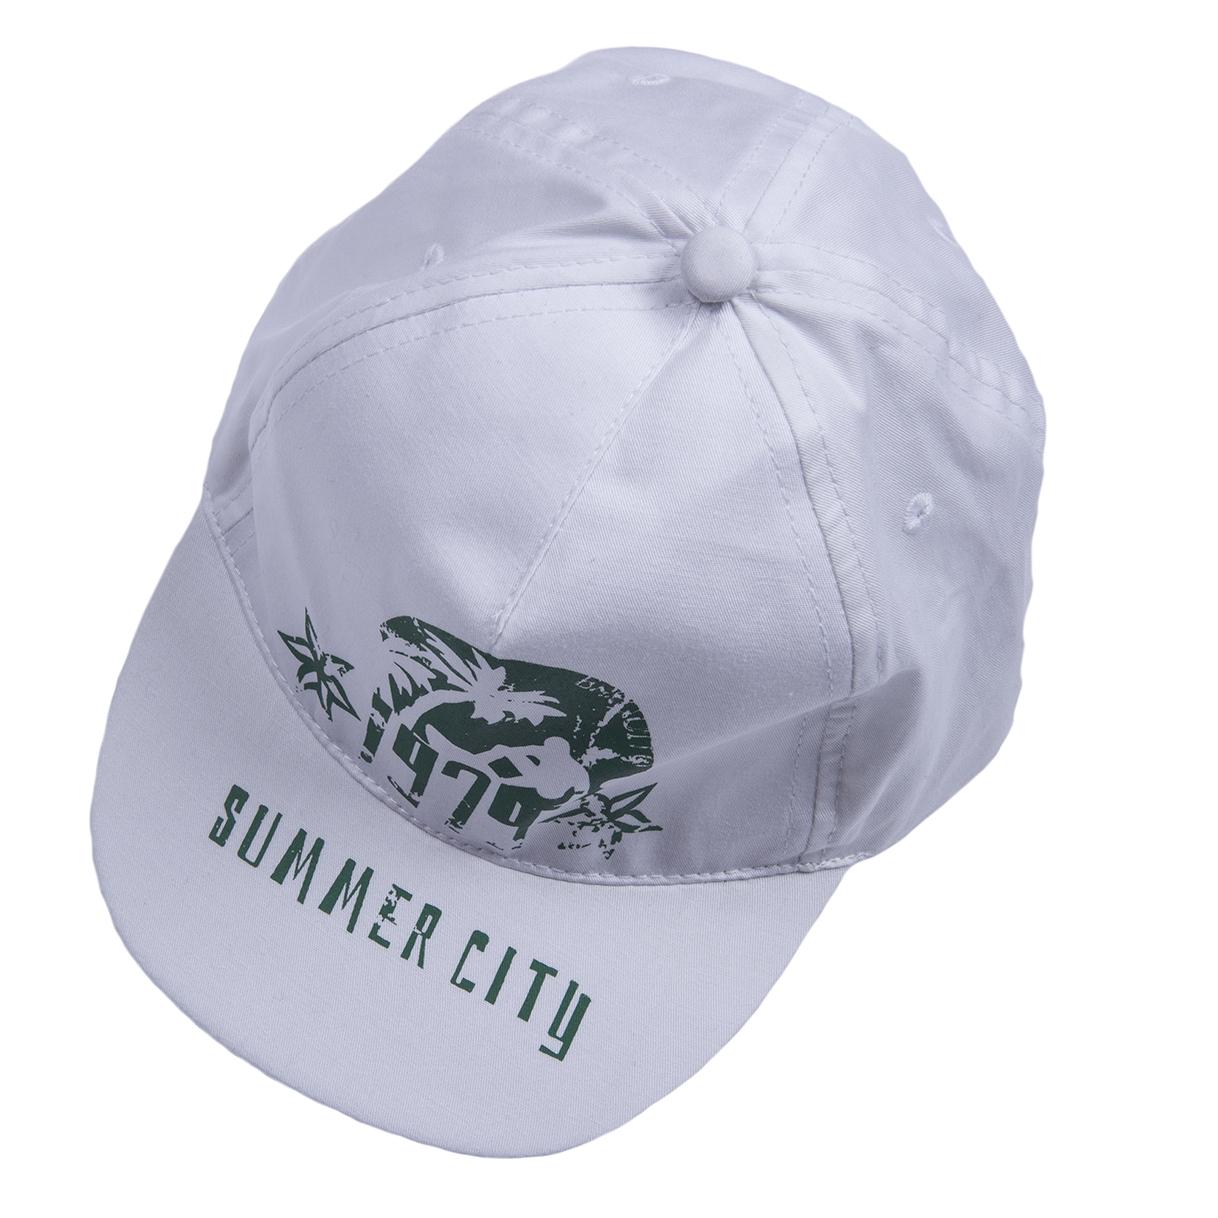 Головные уборы BARQUITO Кепка для мальчика Спорт Barquito белый головные уборы